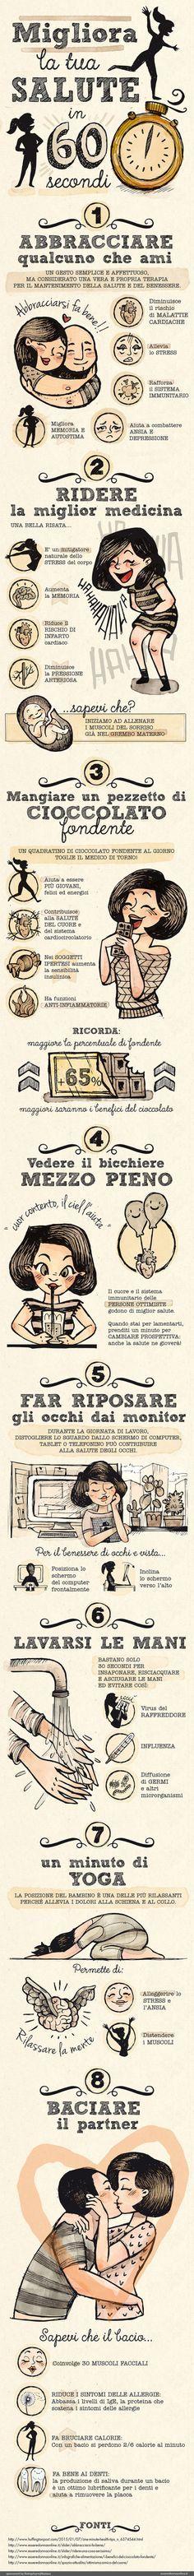 MIGLIORA LA TUA SALUTE IN 60 SECONDI -esseredonnaonline.it- illustrated by Alice Kle Borghi kleland.com